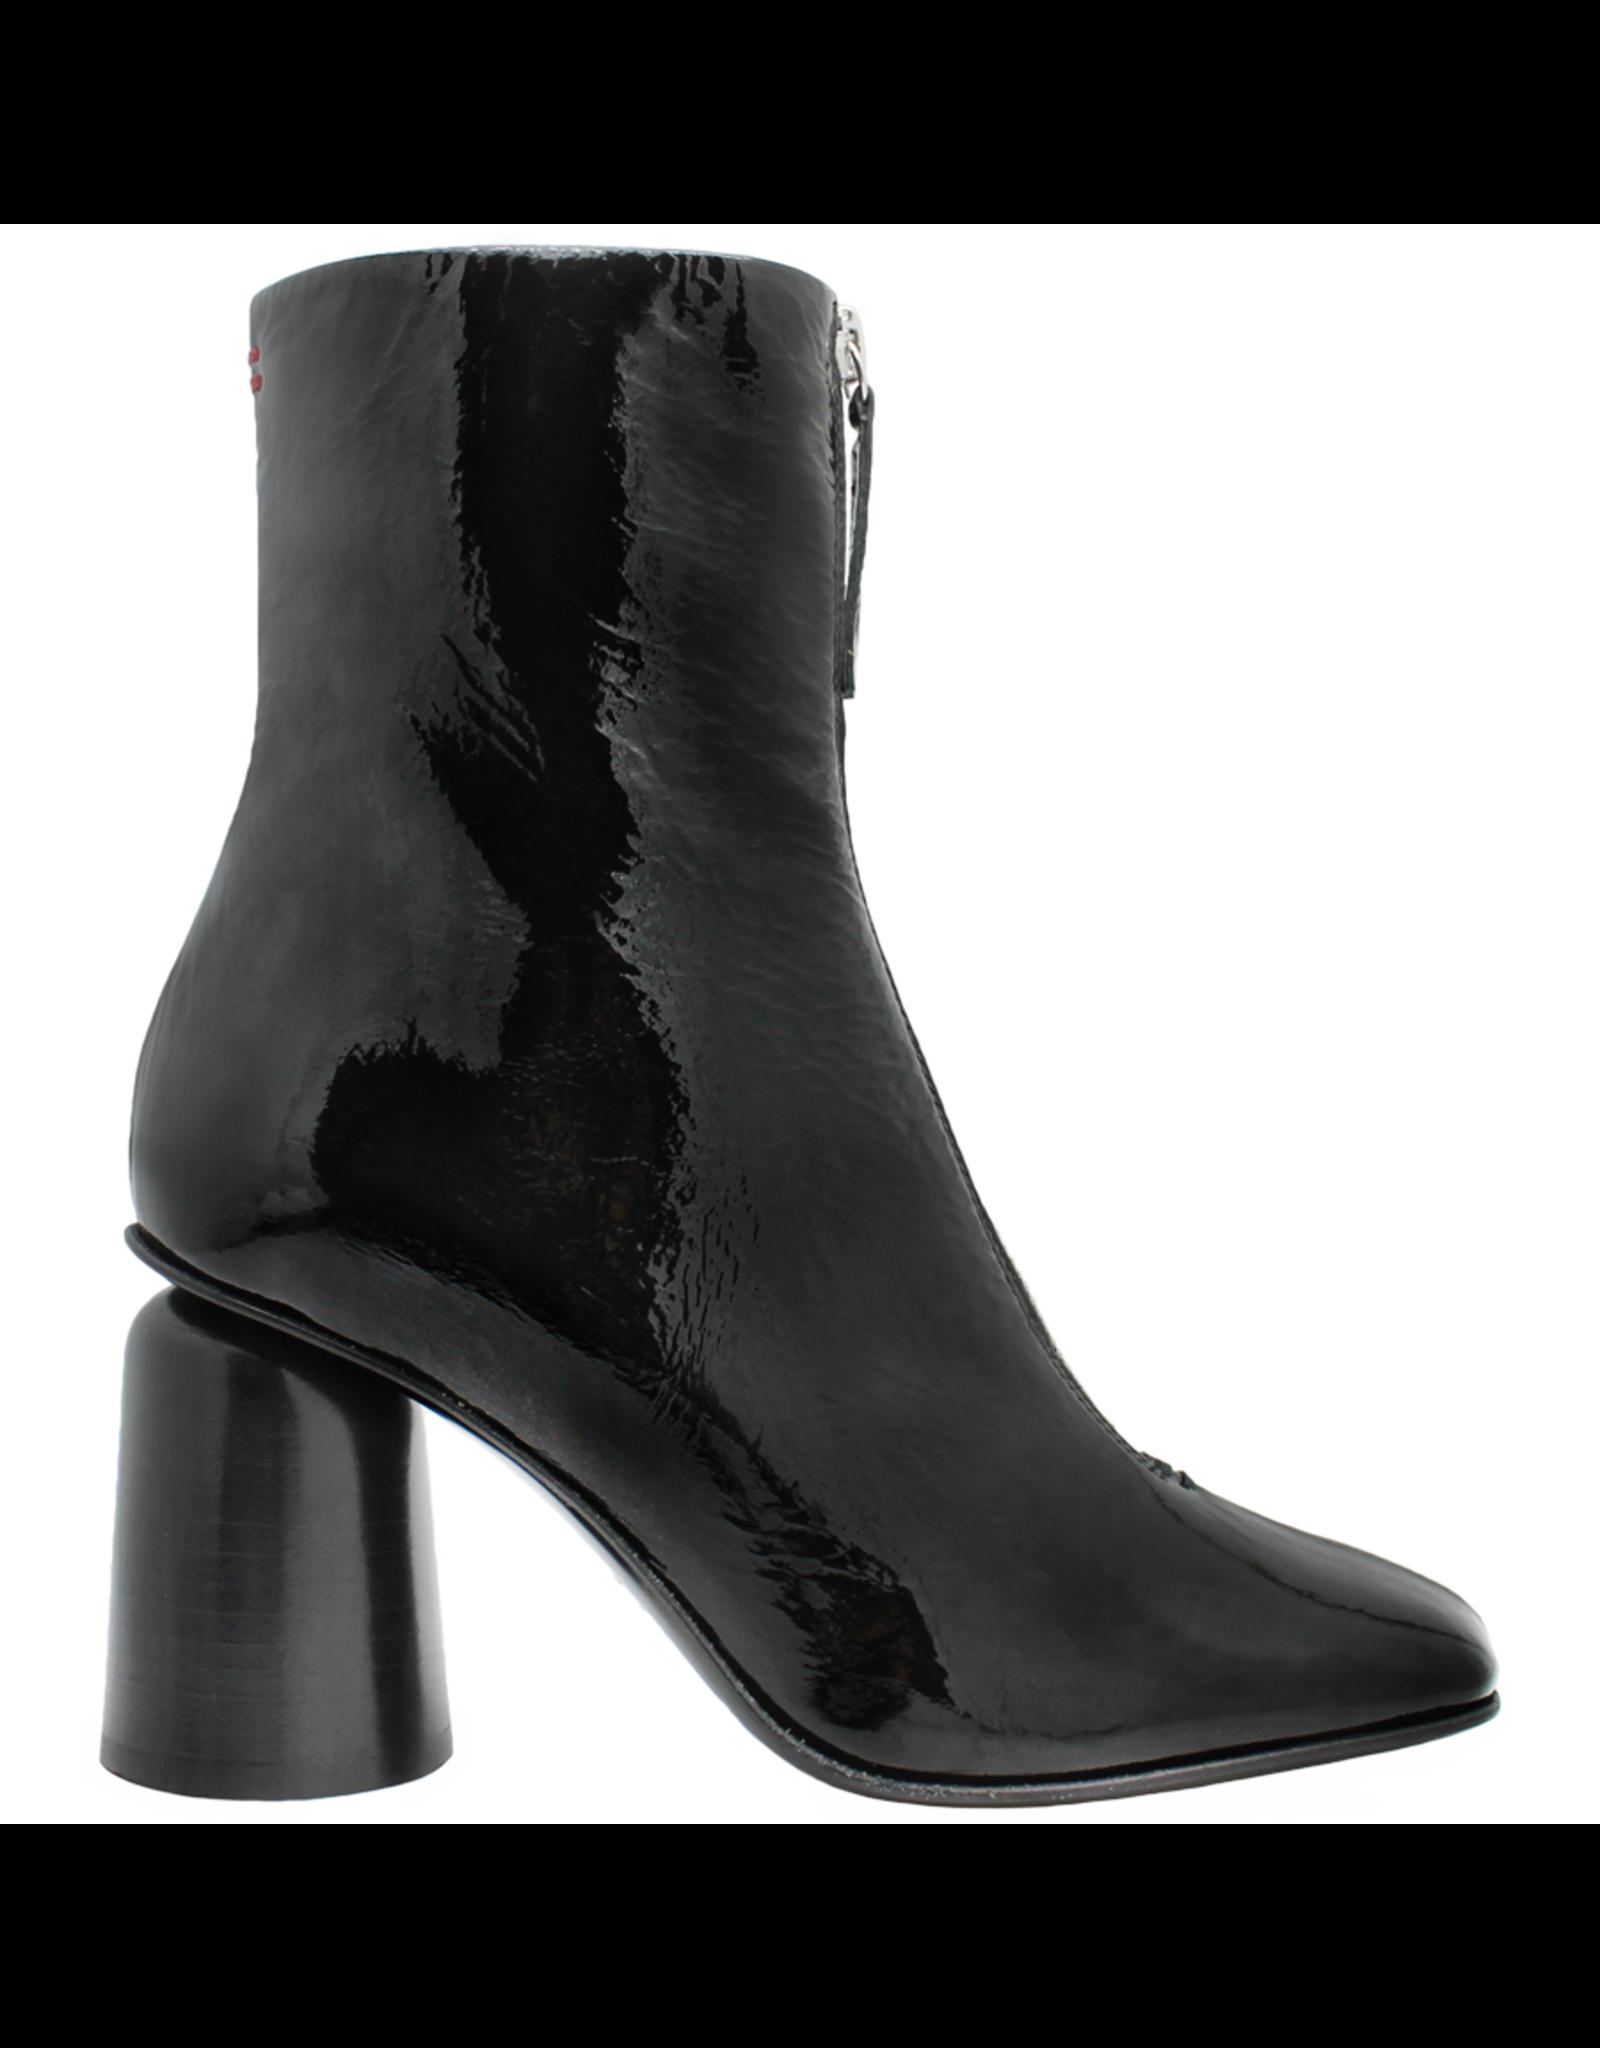 Halmanera Halmanera Black Patent Front Zip High Heel 2044